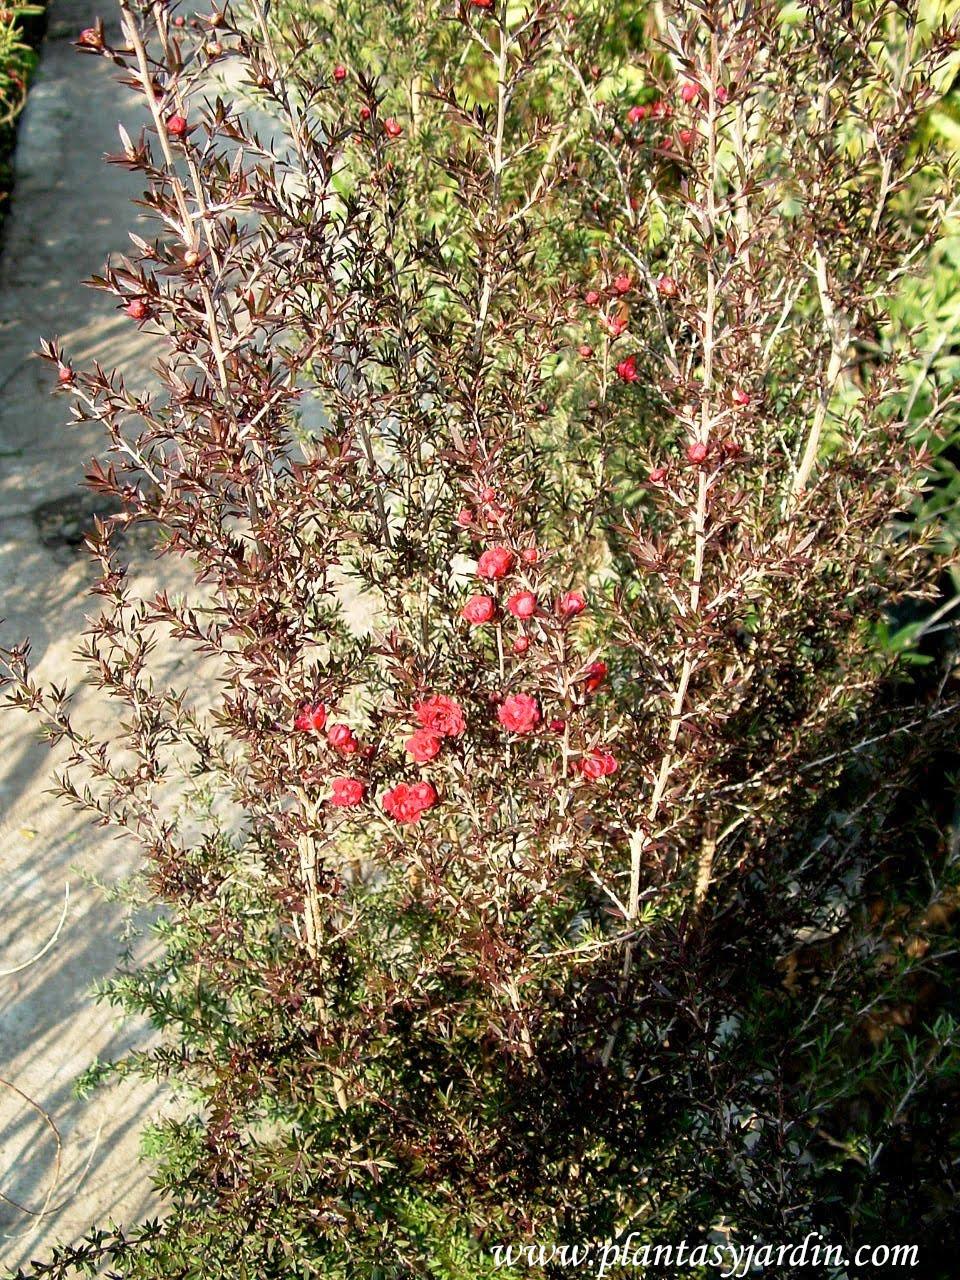 Arbustos con flores rojas plantas y jard n - Arbustos perennes con flor ...